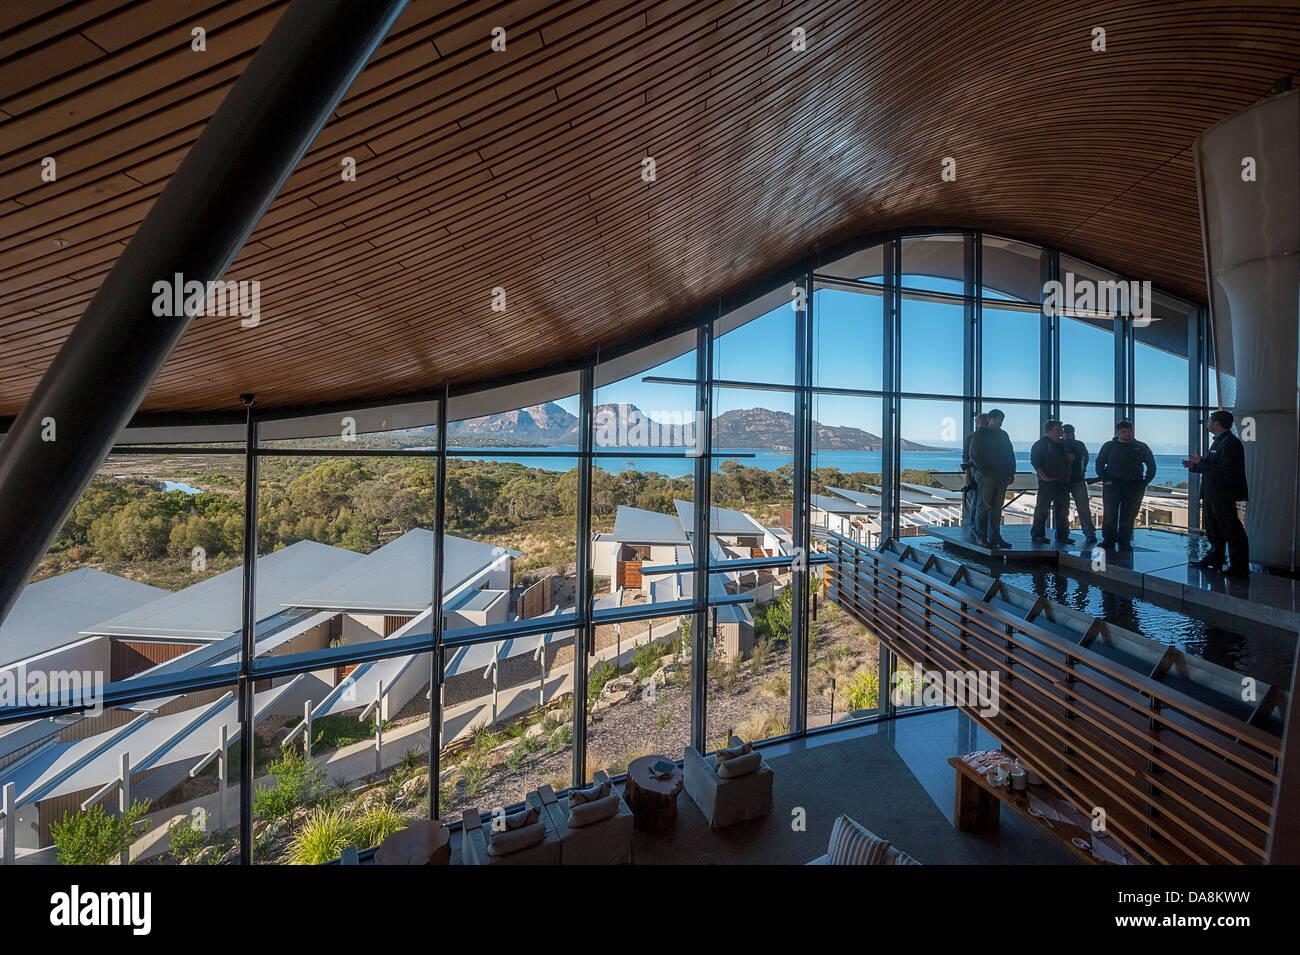 Restaurant National Park Tasmania